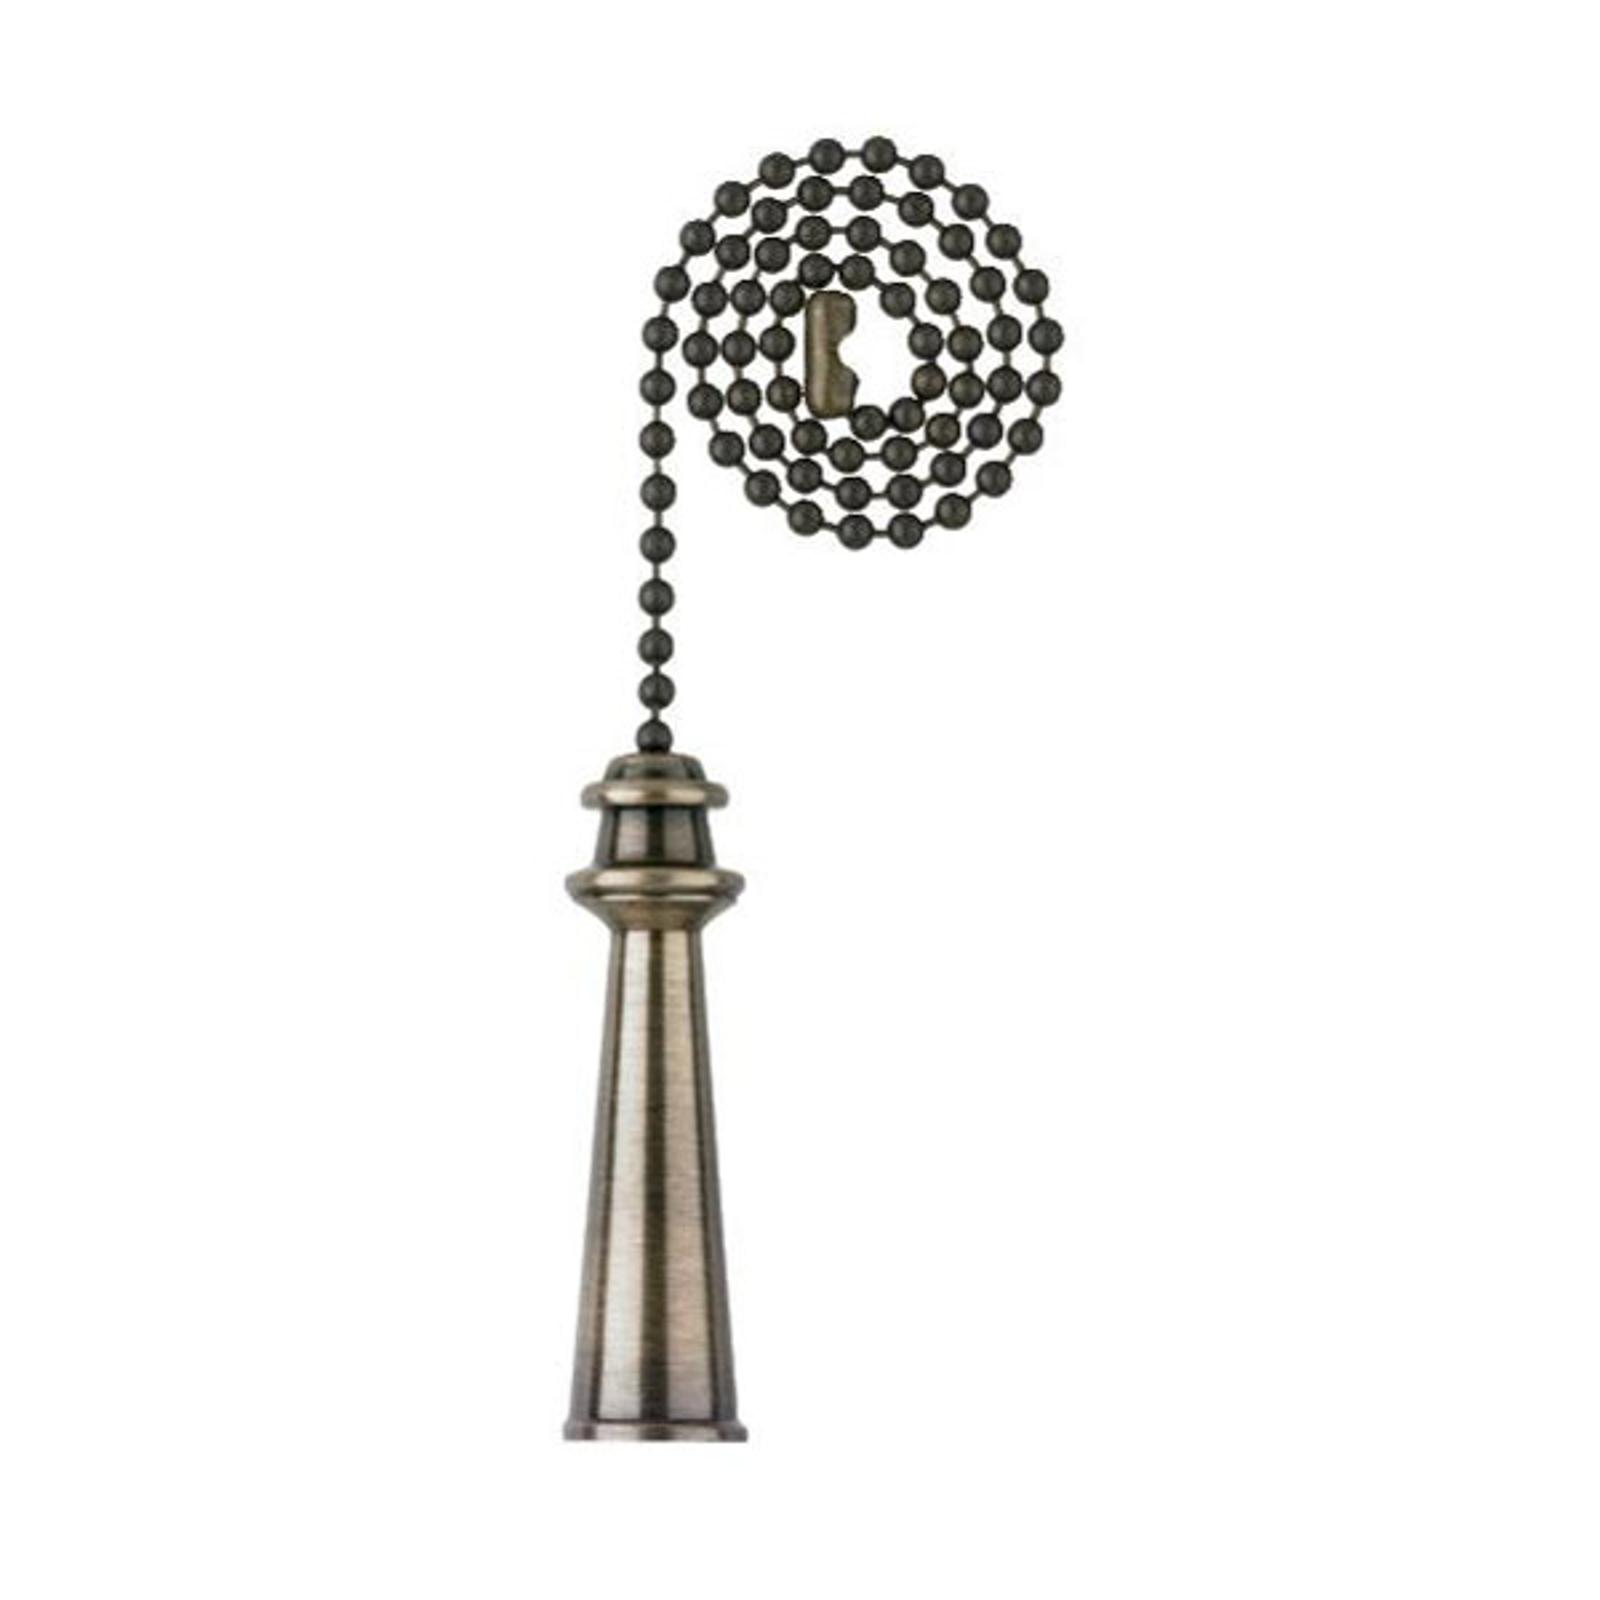 Westinghouse Pokal trekkjede antikk messing